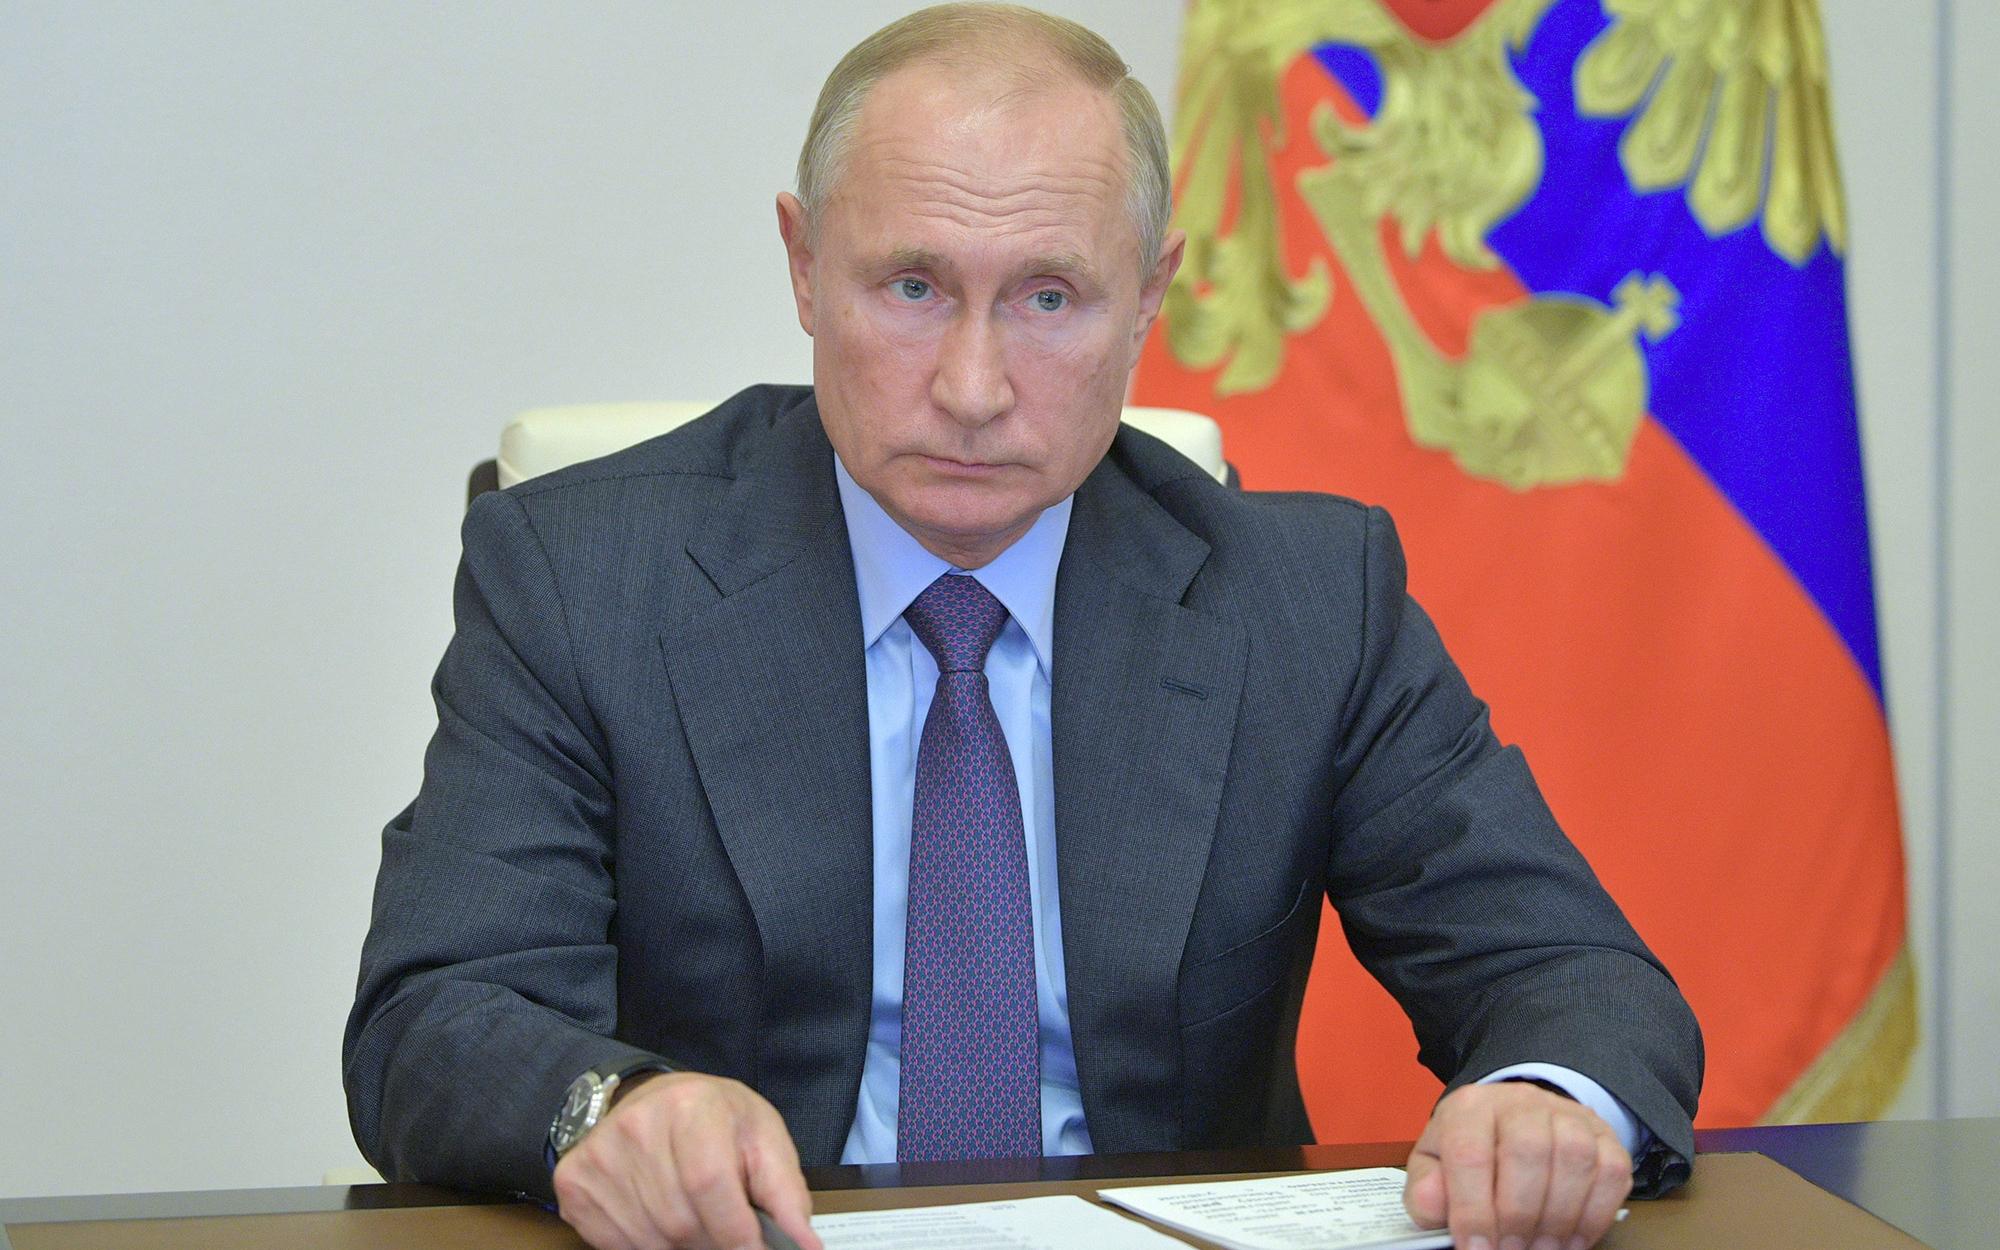 Президент России Владимир Путин в Ново-Огарево проводит в режиме видеоконференции совещание по вопросам развития и декриминализации лесного комплекса